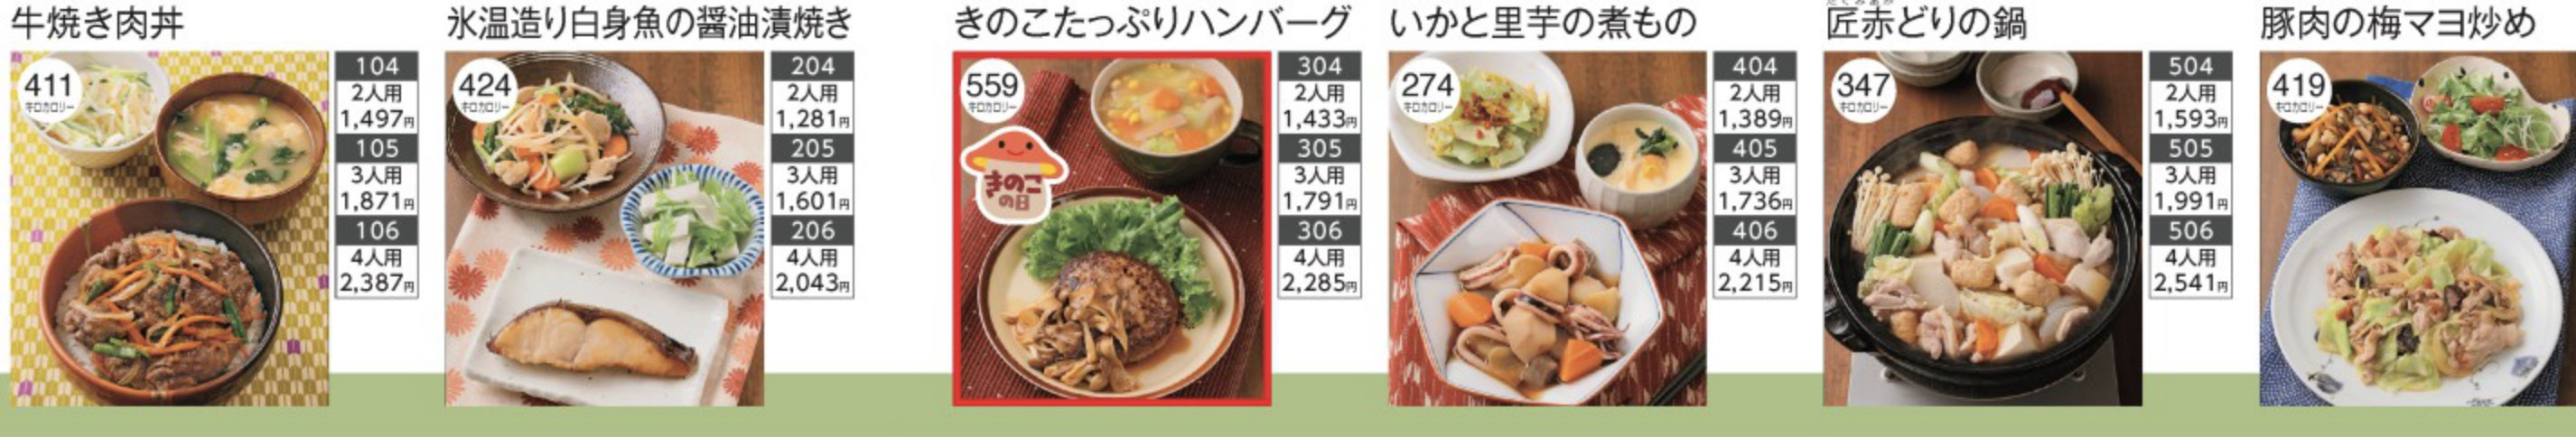 食彩のメニュー例